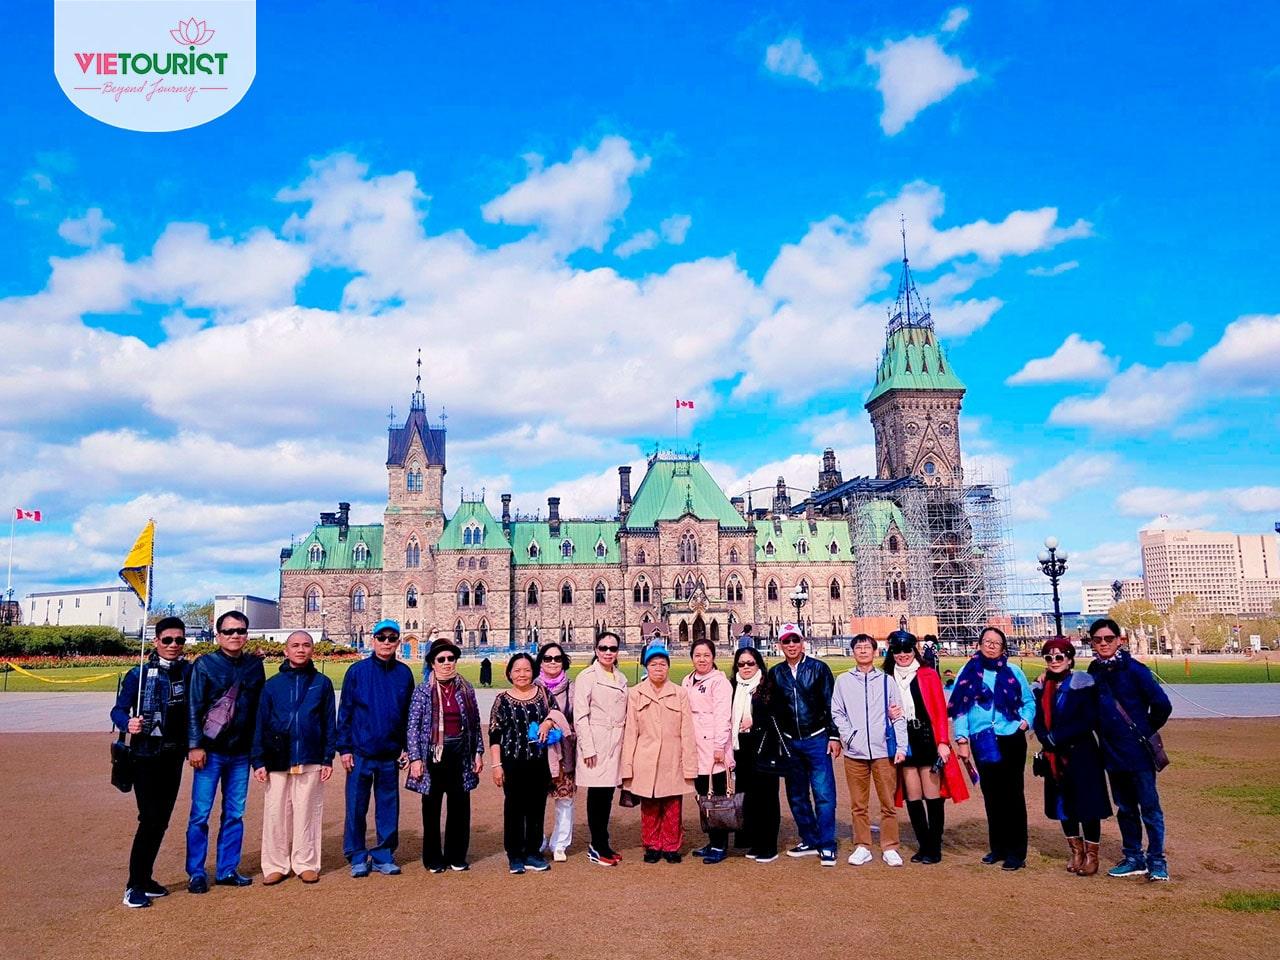 Du khách tham gia tour bờ đông canada tại Vietourist